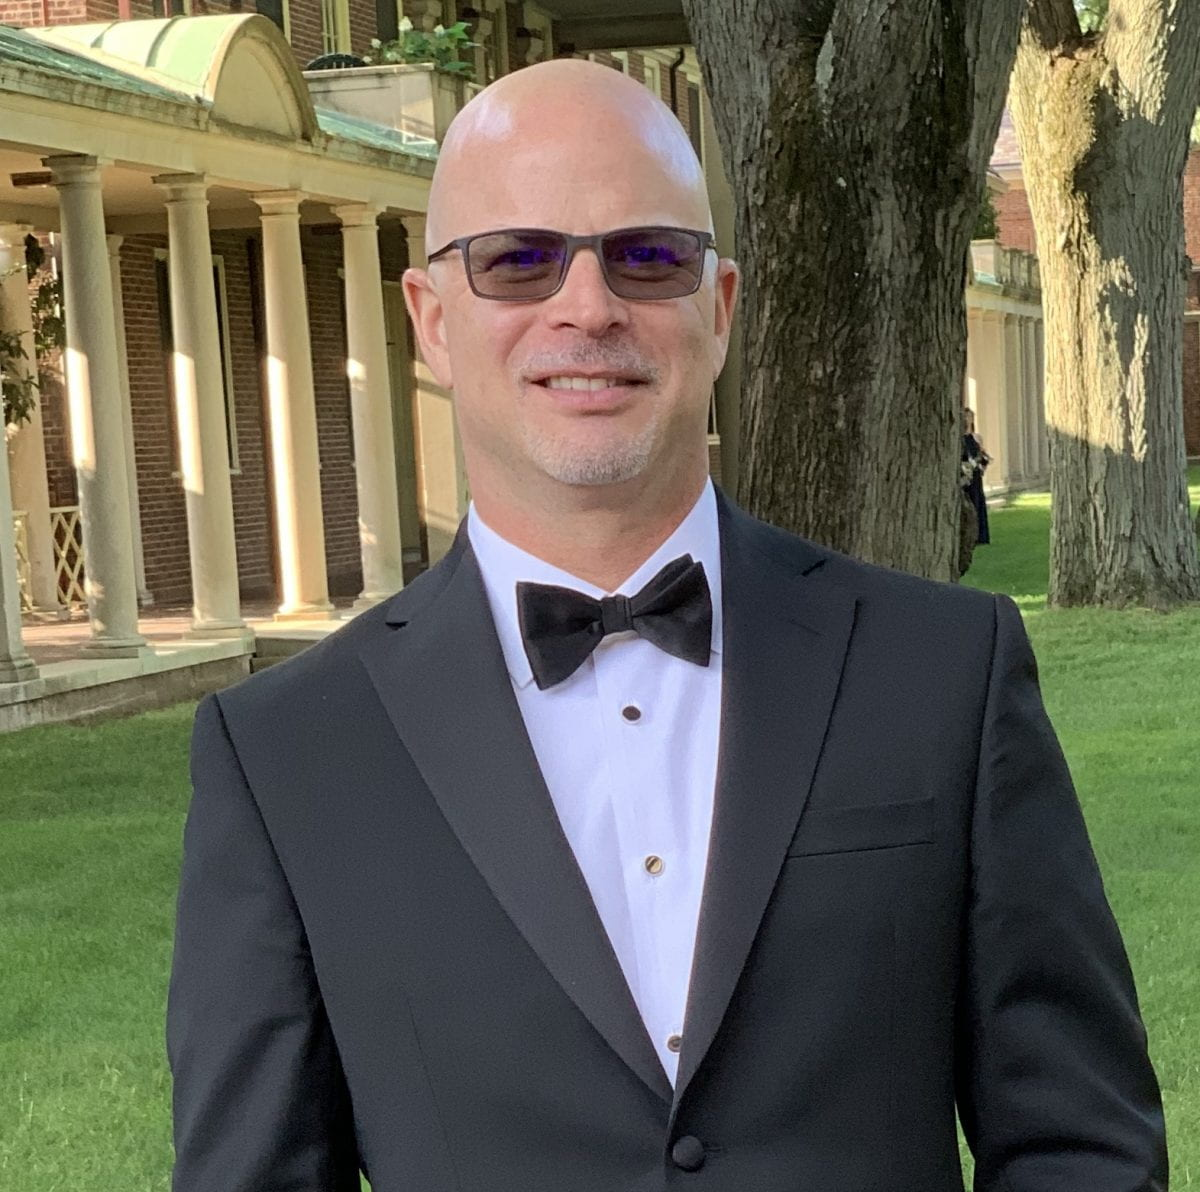 Seidenberg Alumnus Feature: Jonathan Etkin '02